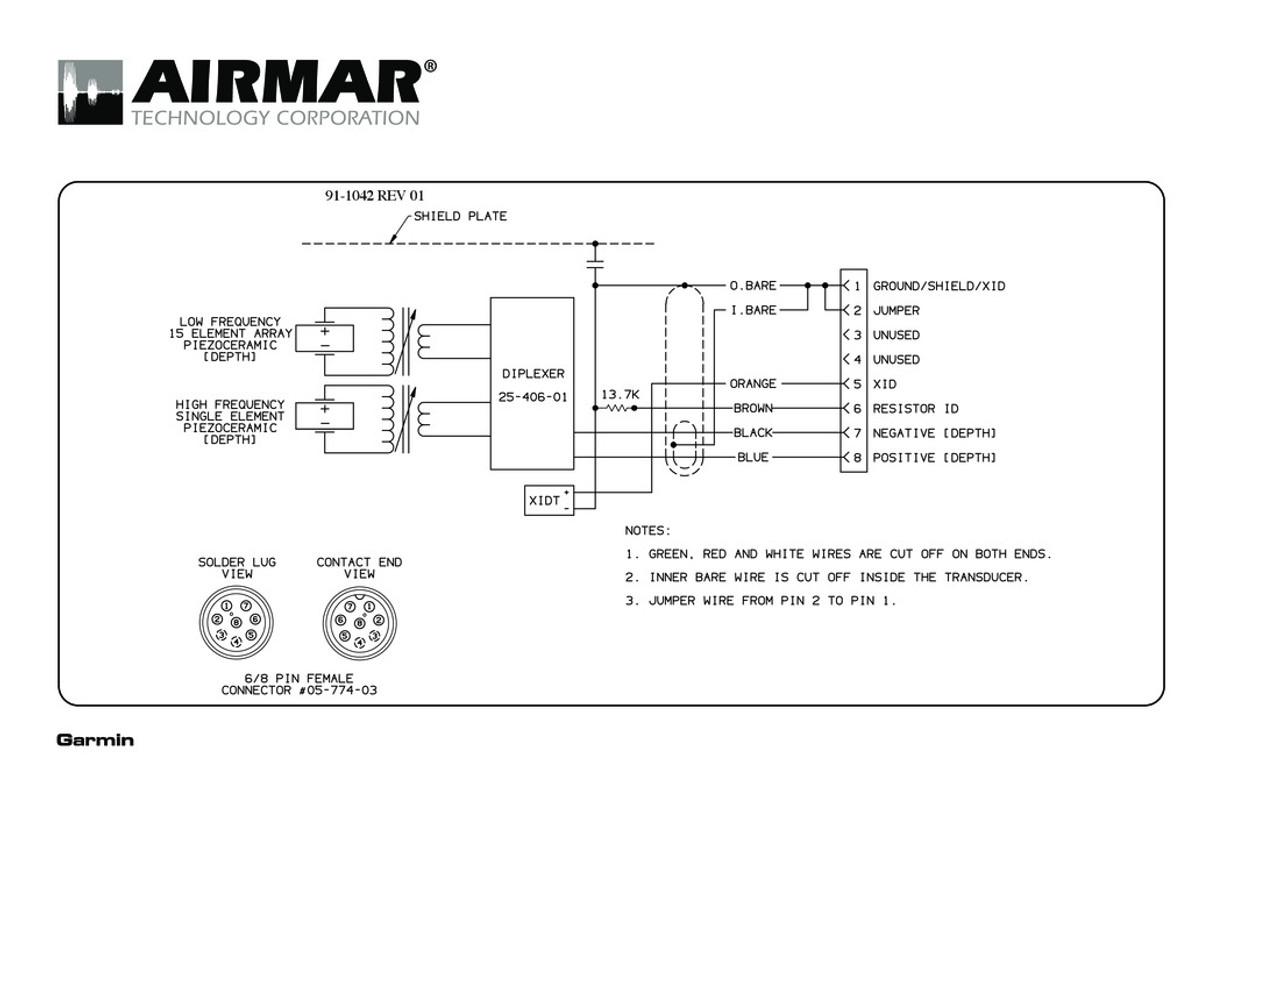 Airmar Wiring Diagram Garmin R199 8 pin (D, T)   Blue